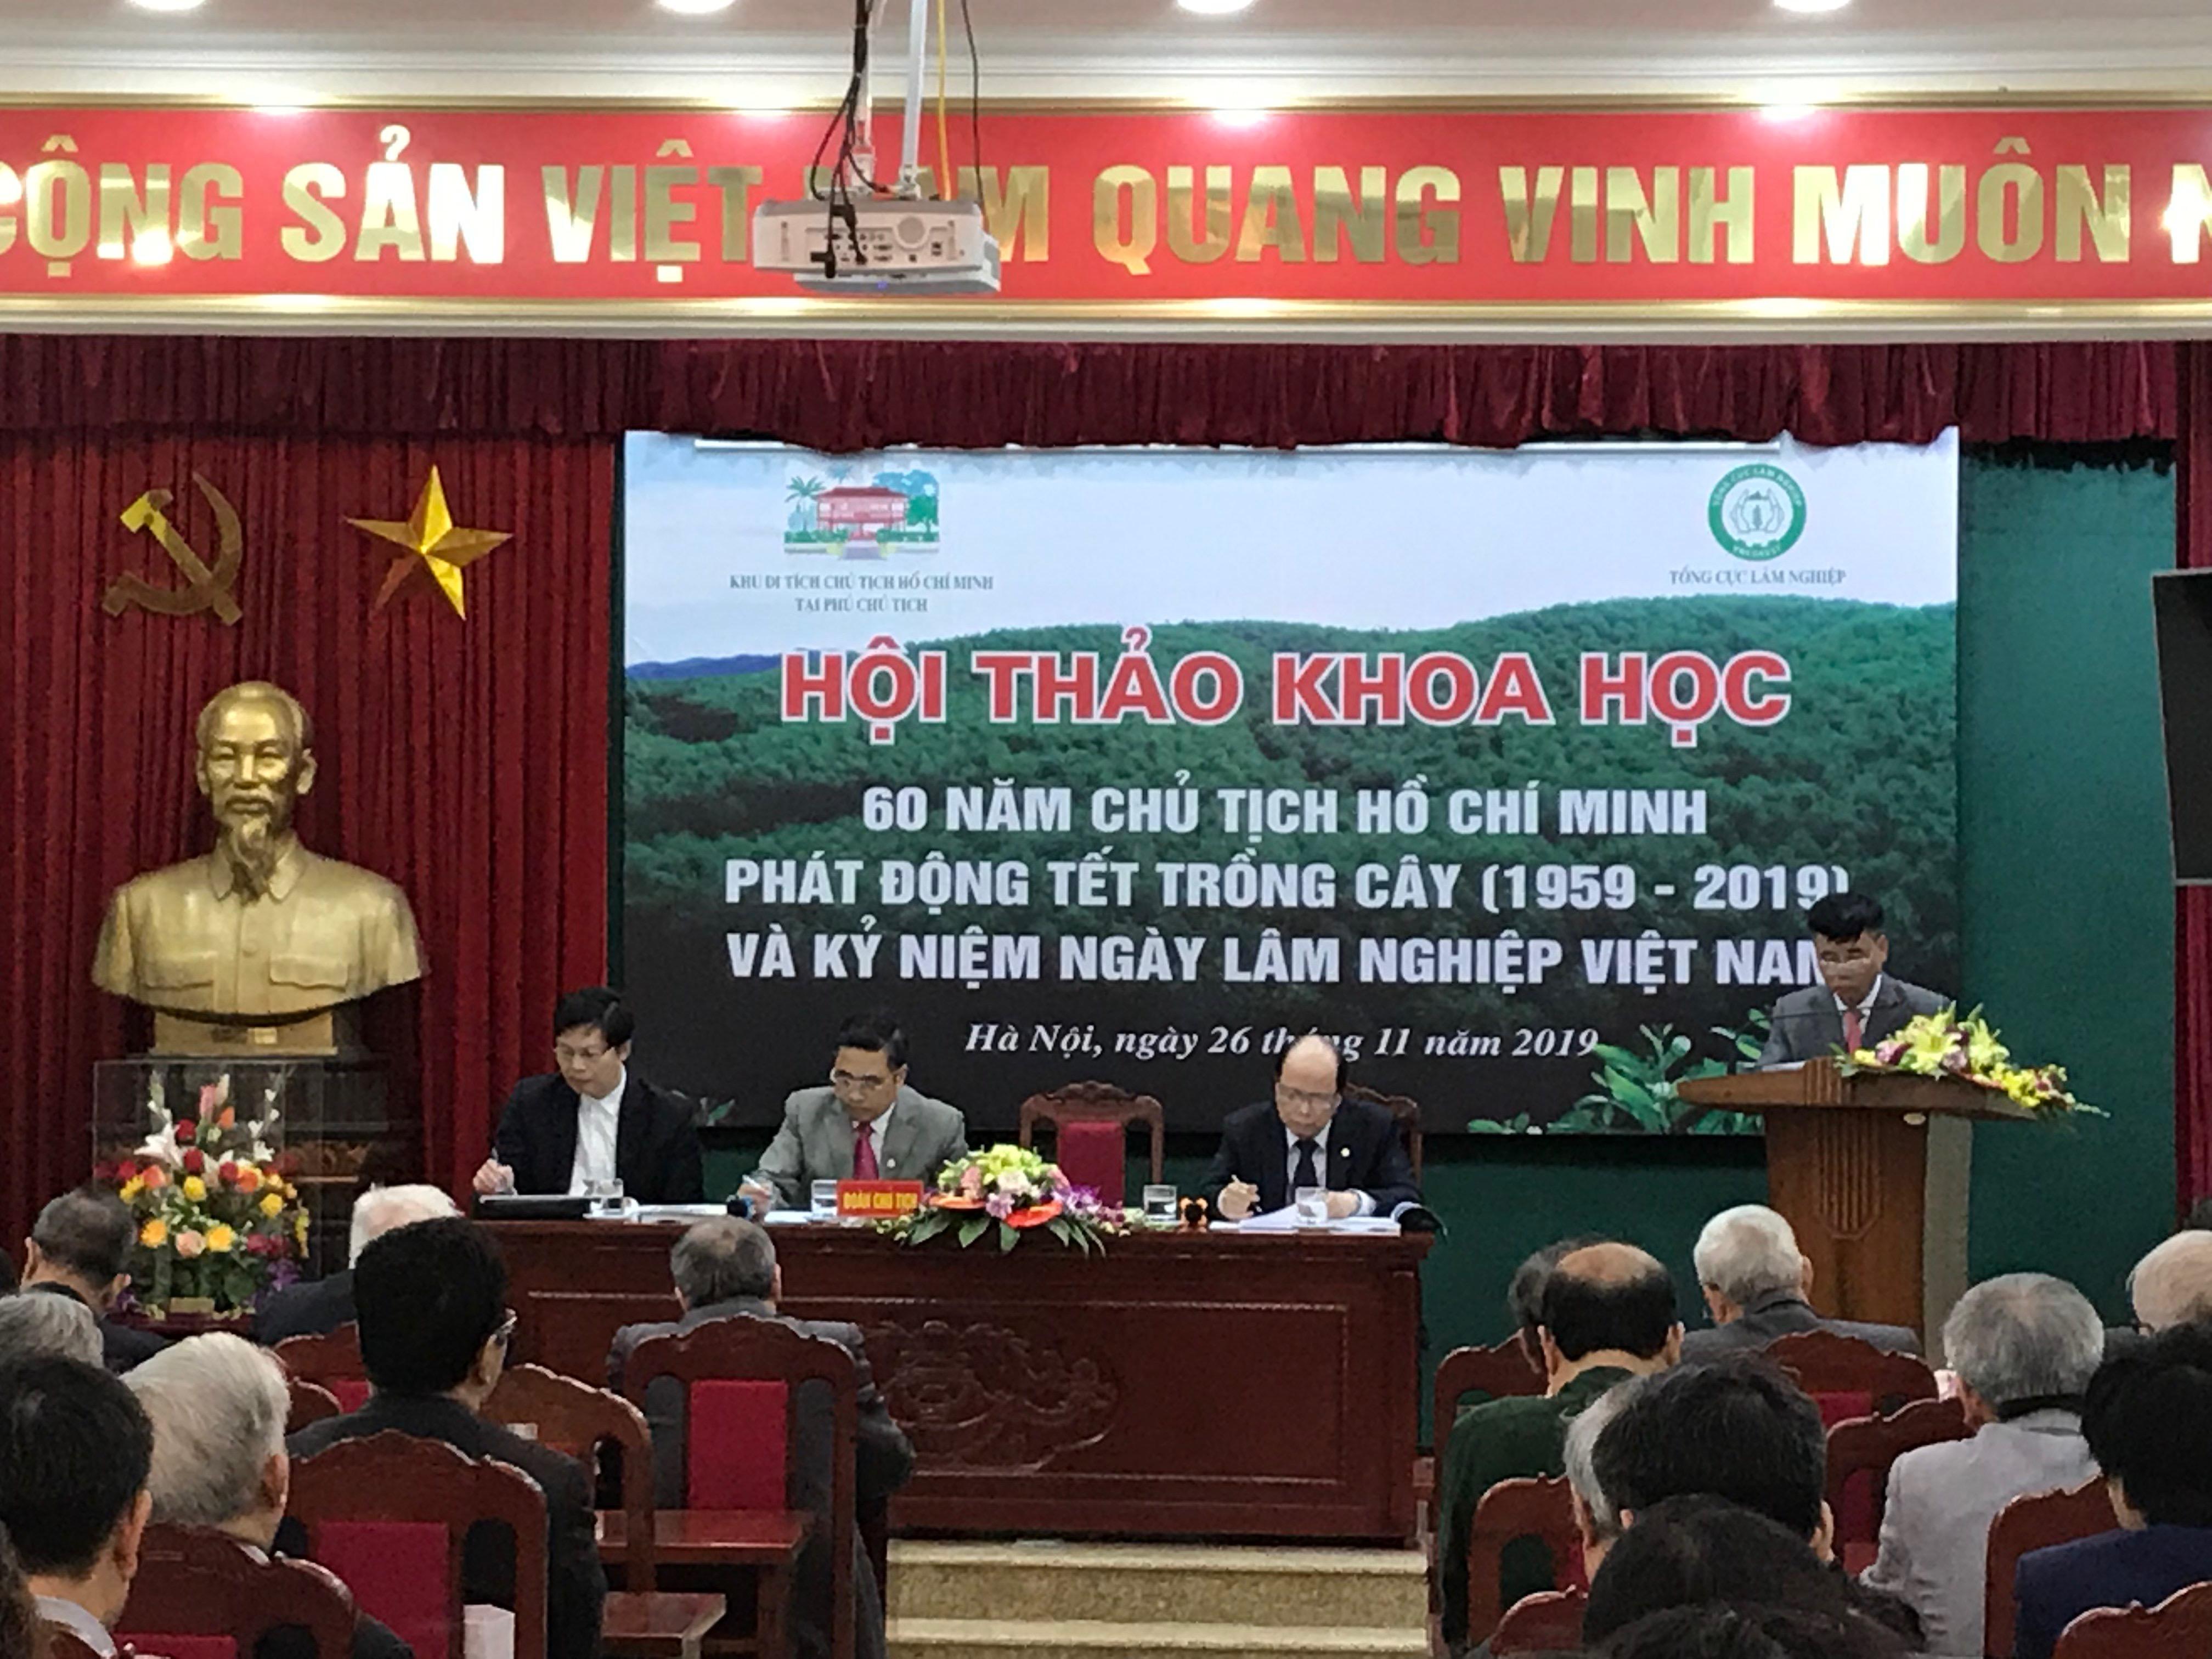 Hà Nội diễn ra nhiều hoạt động kỷ niệm 60 năm ngày Bác Hồ phát động Tết Trồng cây - Ảnh 5